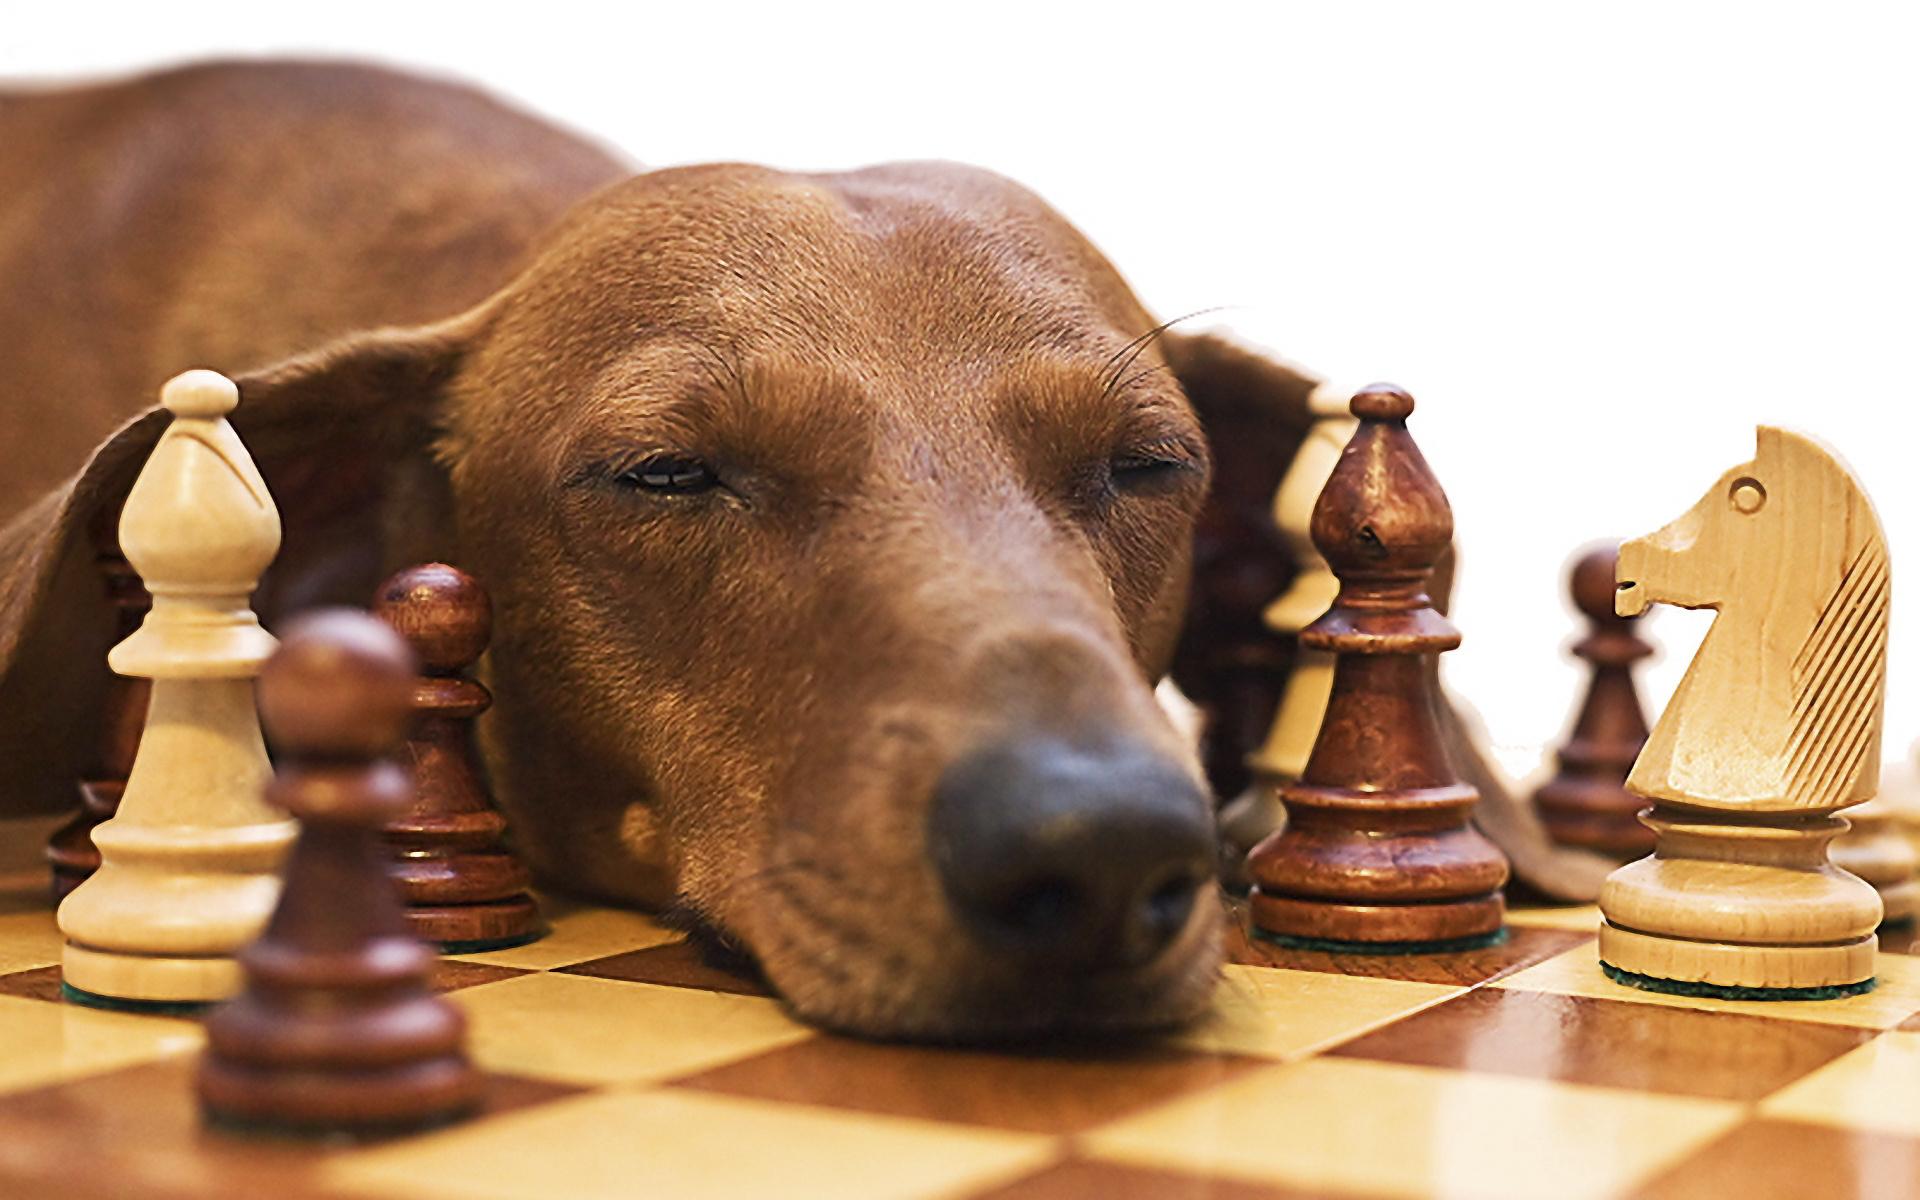 Juegos de estimulación mental para perros